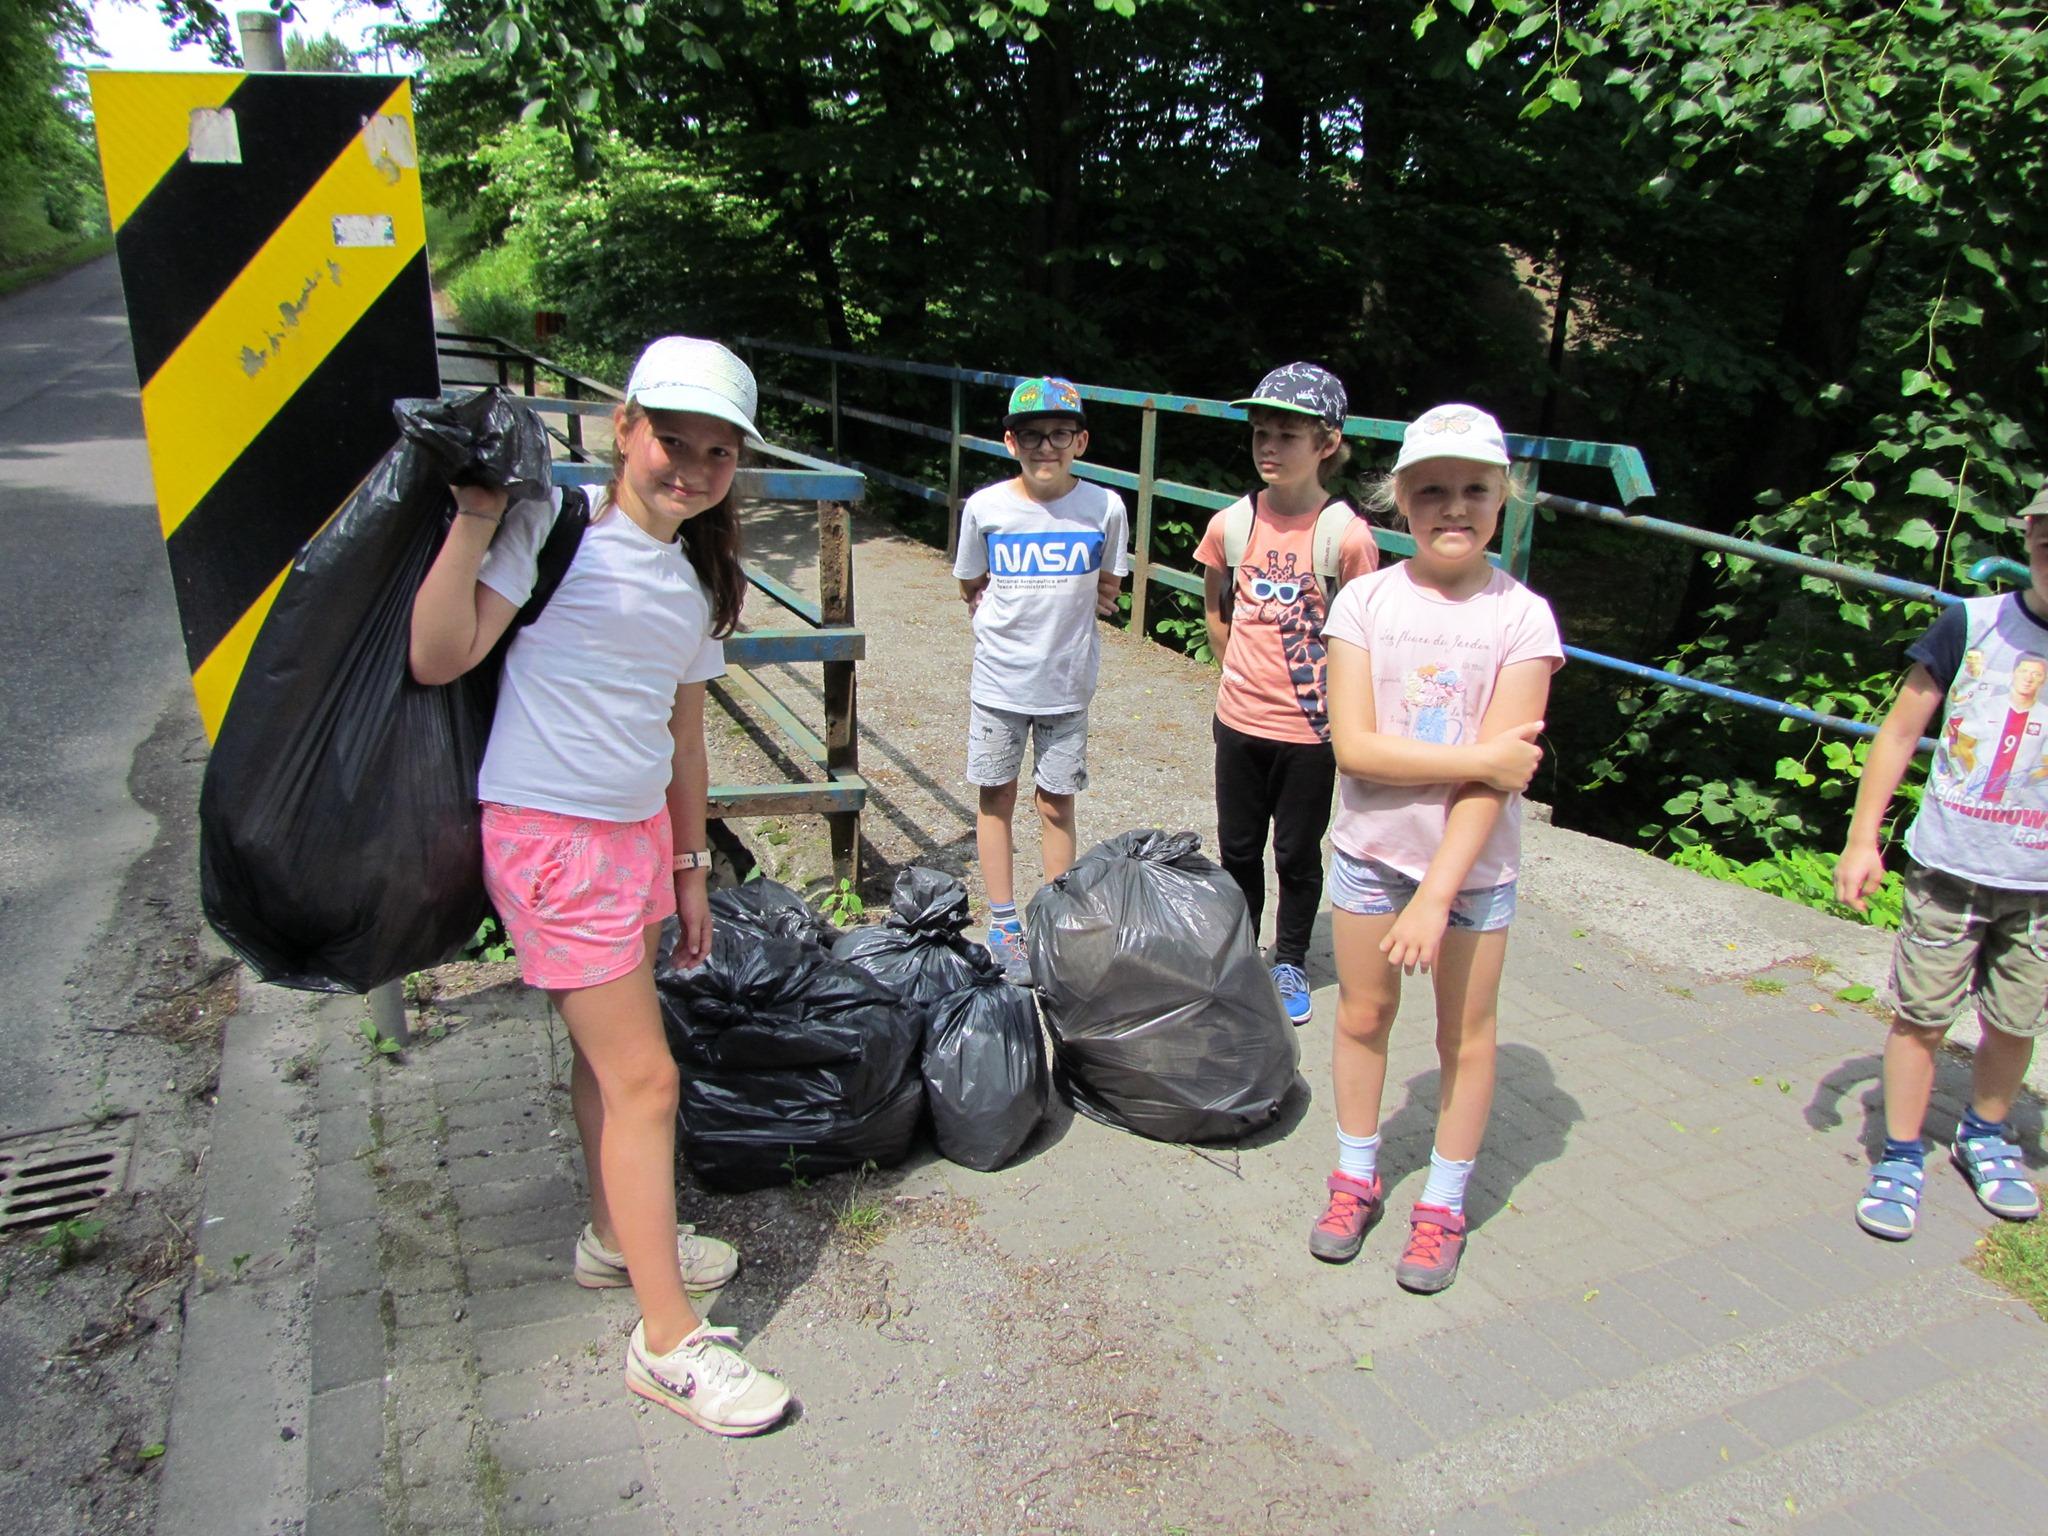 Wielkie Sprzątanie Jaworze, akcja Śmieciobranie, 12 czerwca 2021